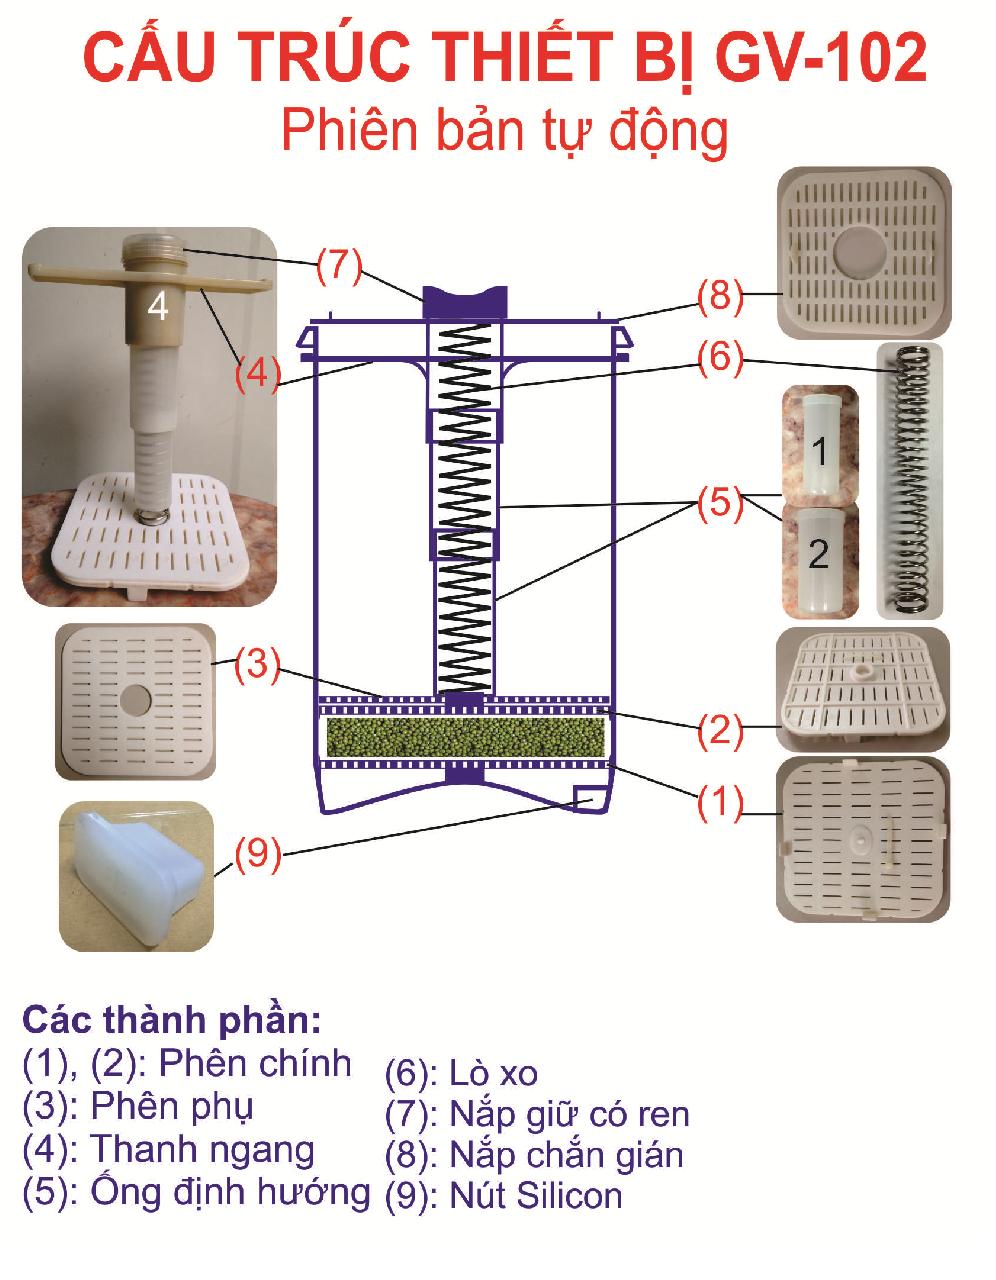 Cấu trúc của máy làm giá sạch đa năng GV-102 - Phiên bản tự động